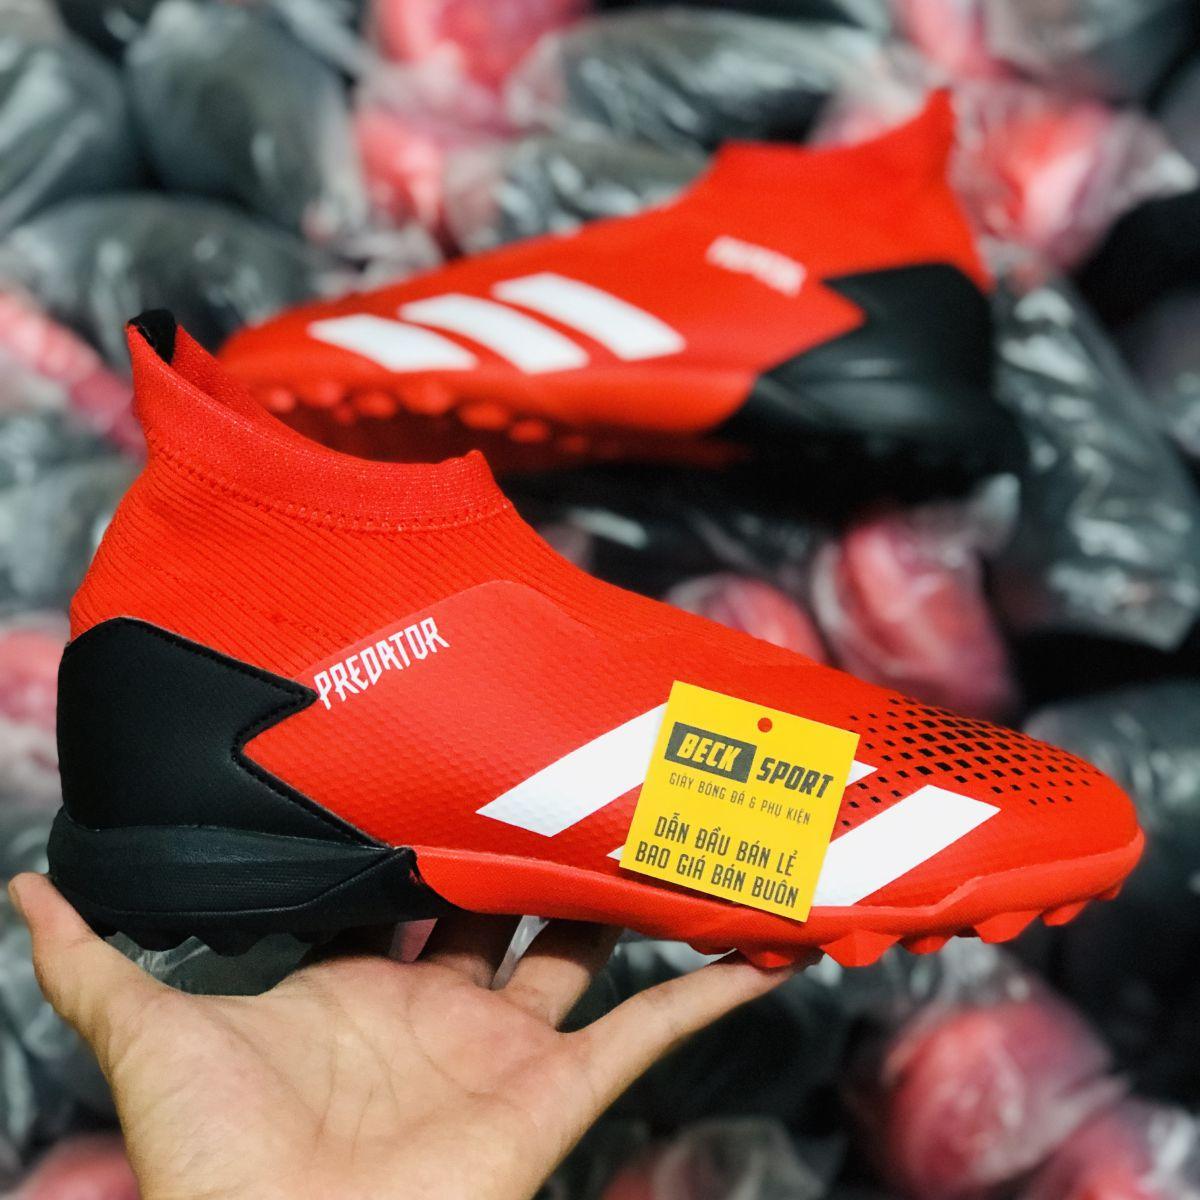 Giày Bóng Đá Adidas Predator 20.3 LL Đỏ Gót Đen Vạch Trắng Không Dây Cao Cổ TF